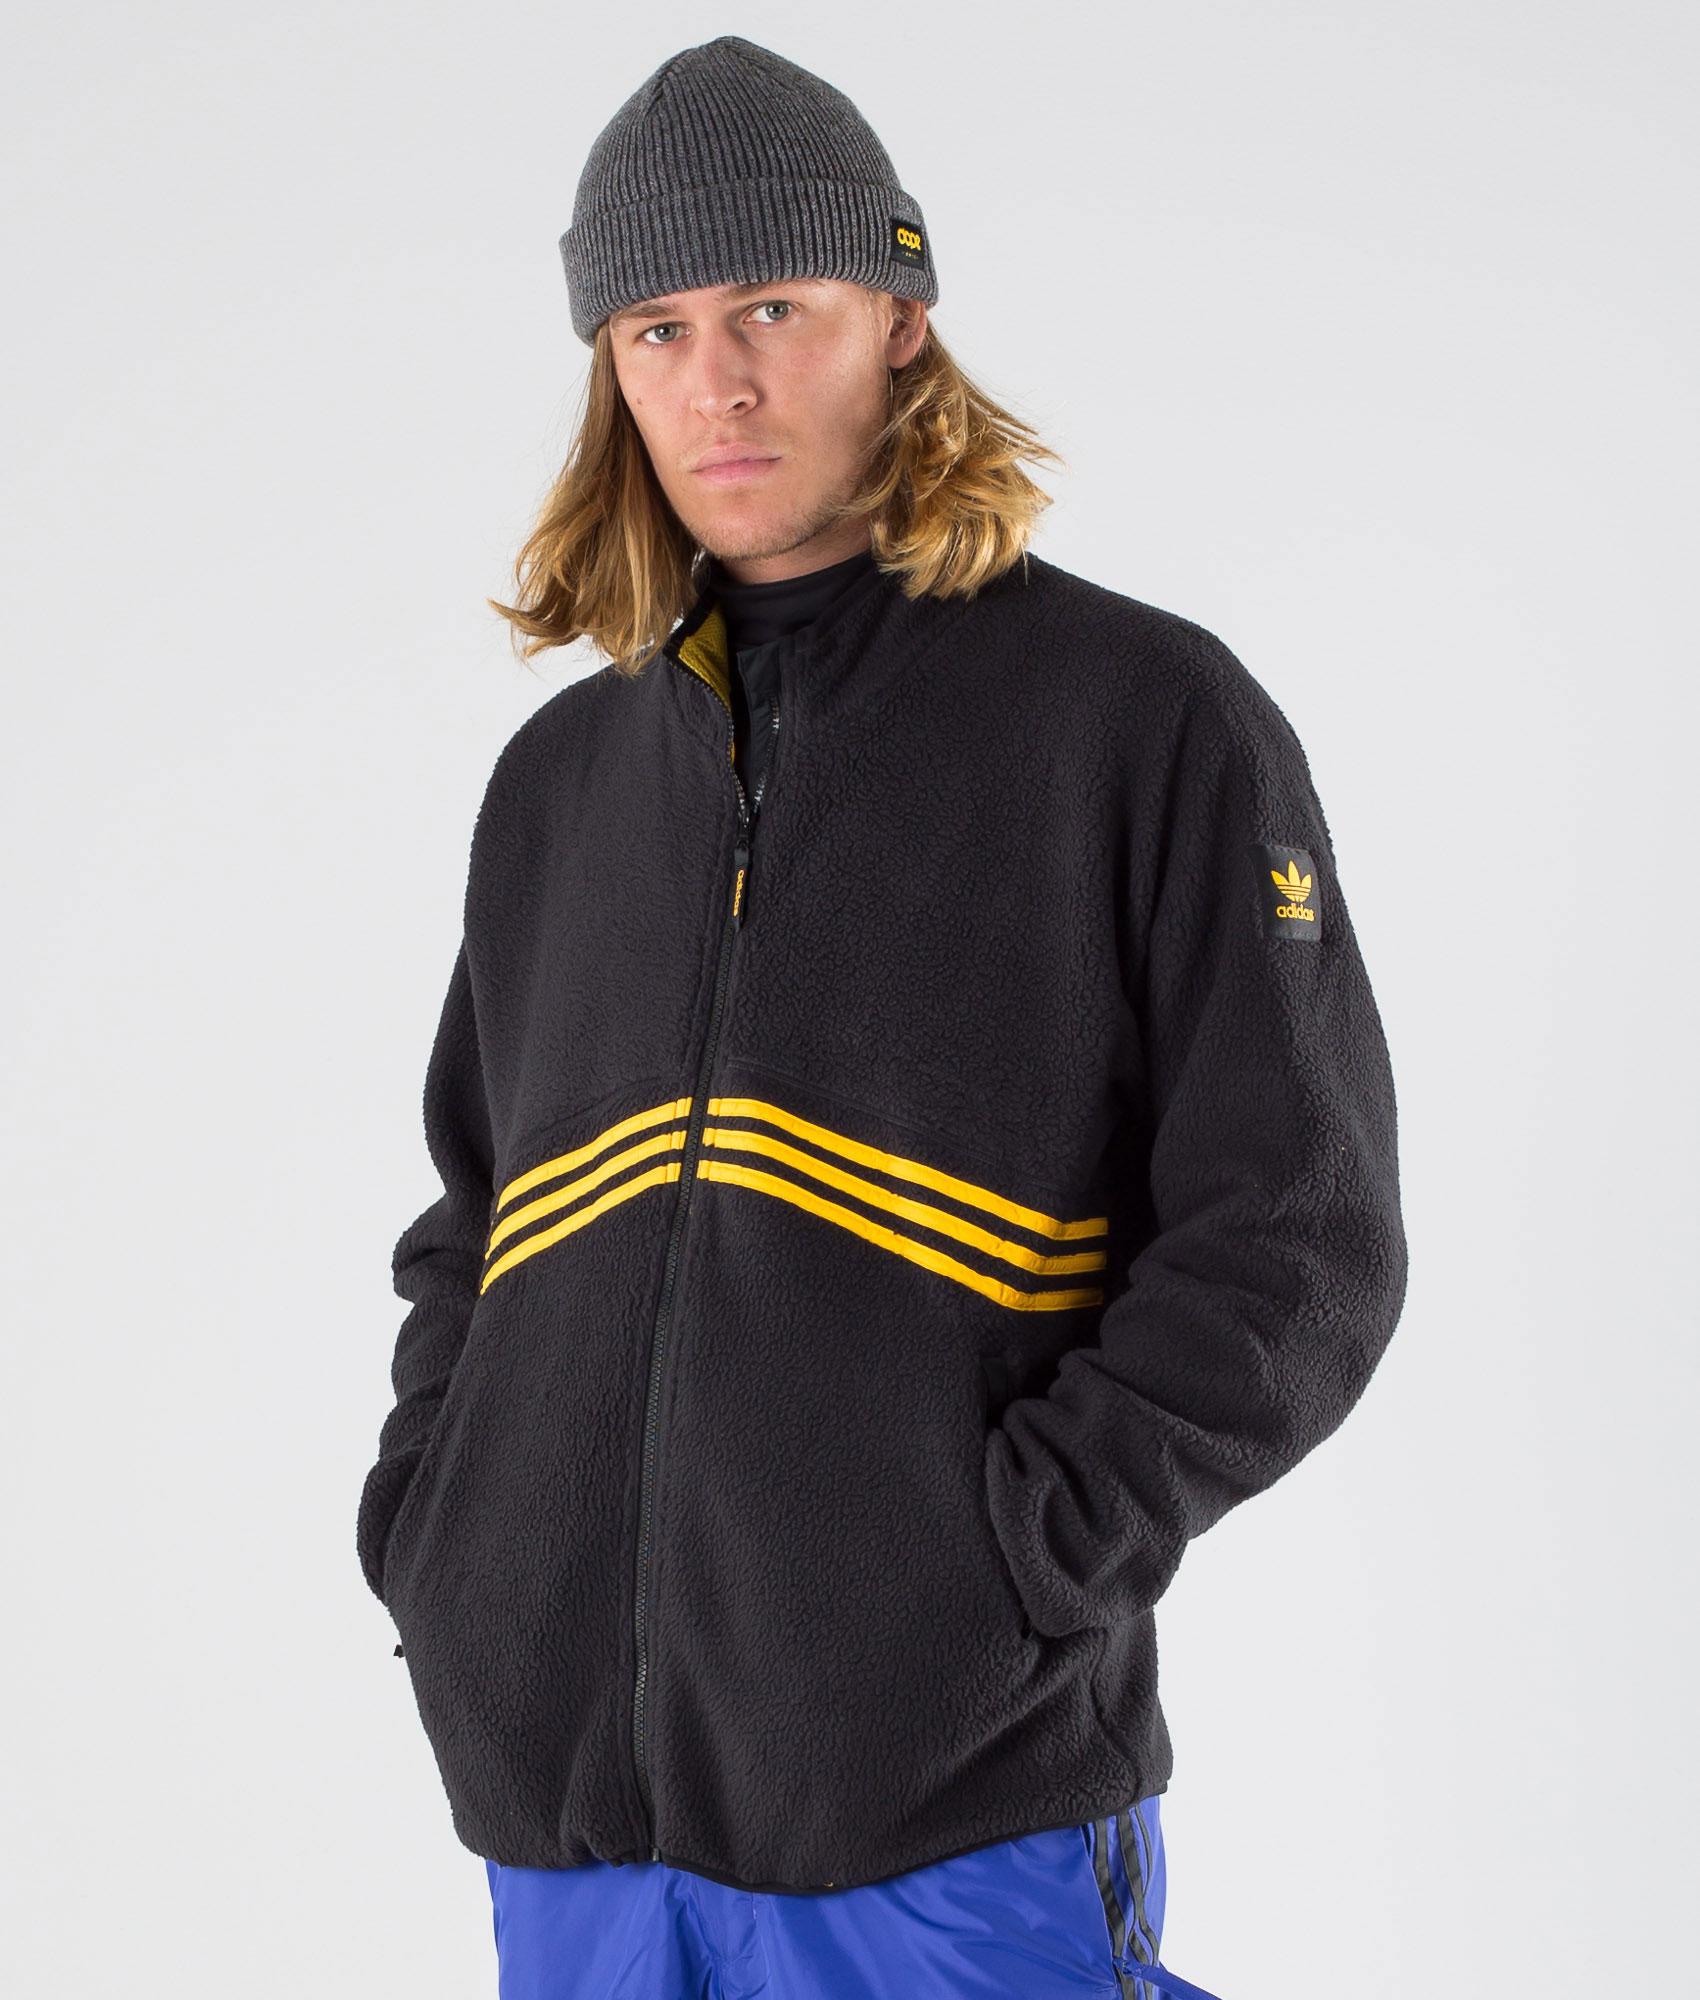 adidas skate jacket